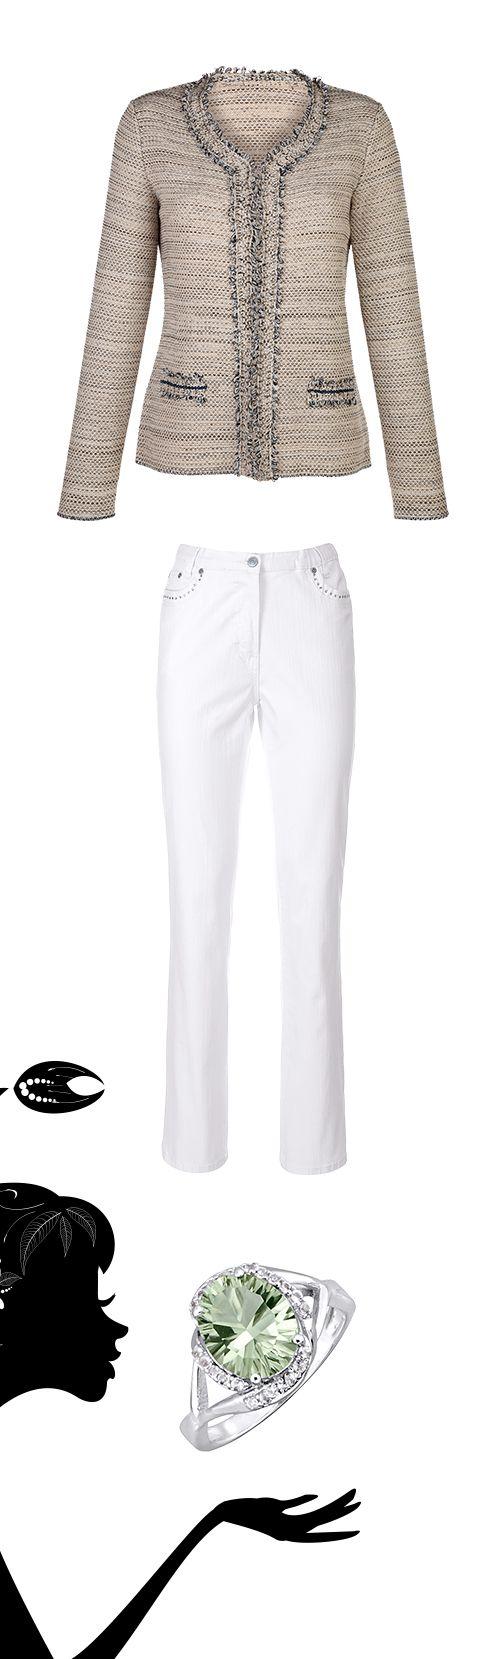 Das Sternzeichen Krebs hat ein stilvolles Händchen: zur modischen, weißen #Hose den klassischen #Bouclé-Blazer und ein Hauch #Eleganz durch den #Statement-Ring.